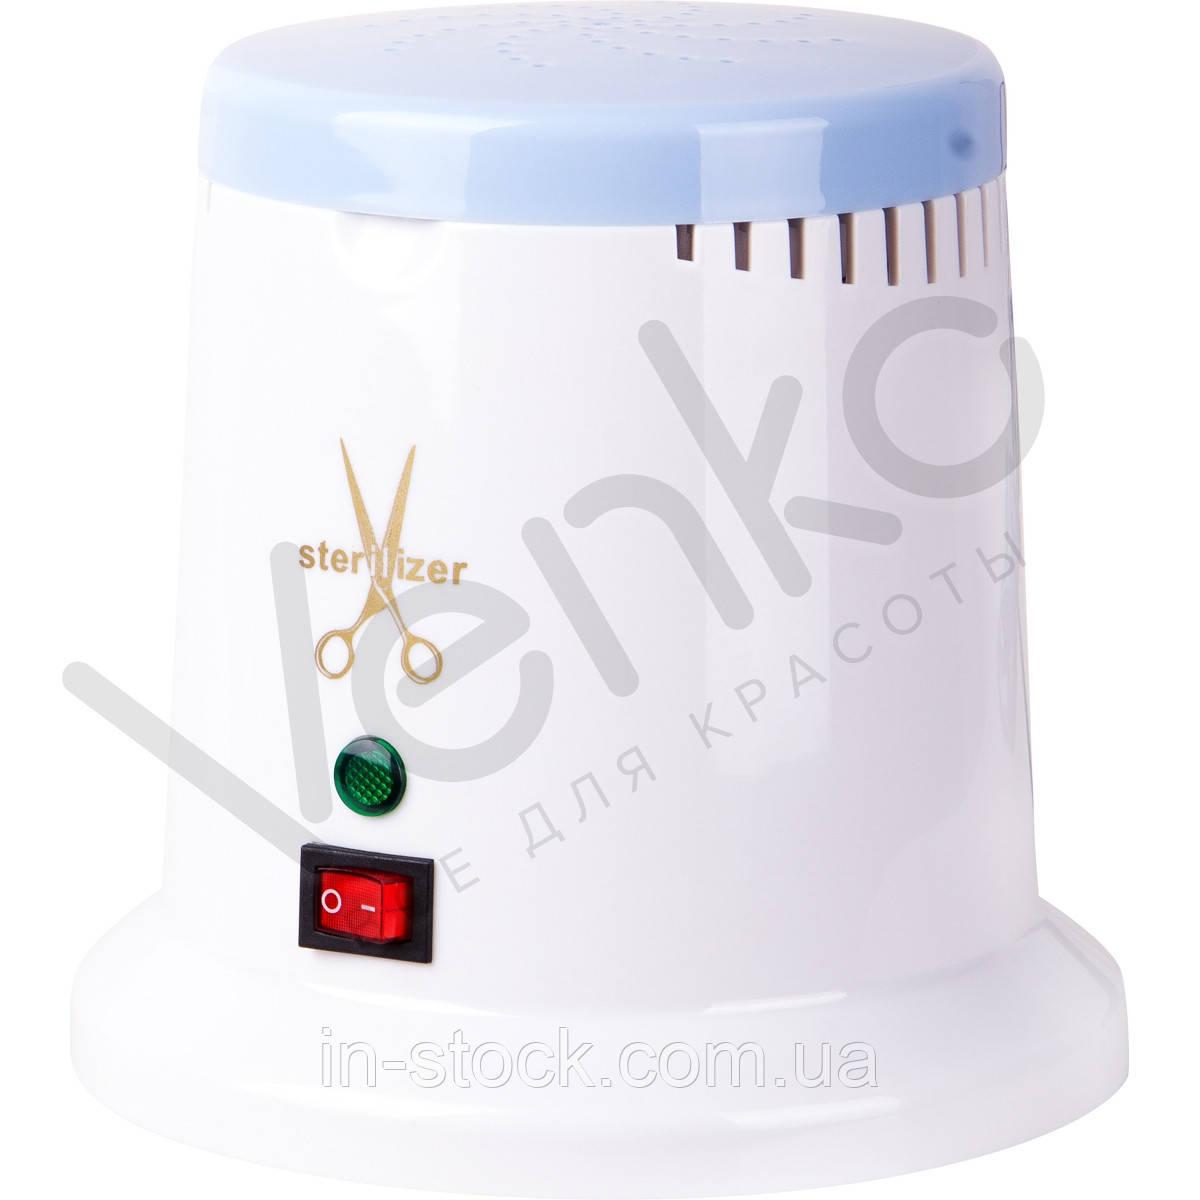 Стерилизатор кварцевый в пластиковом блоке YM-9010, нагрев 250С